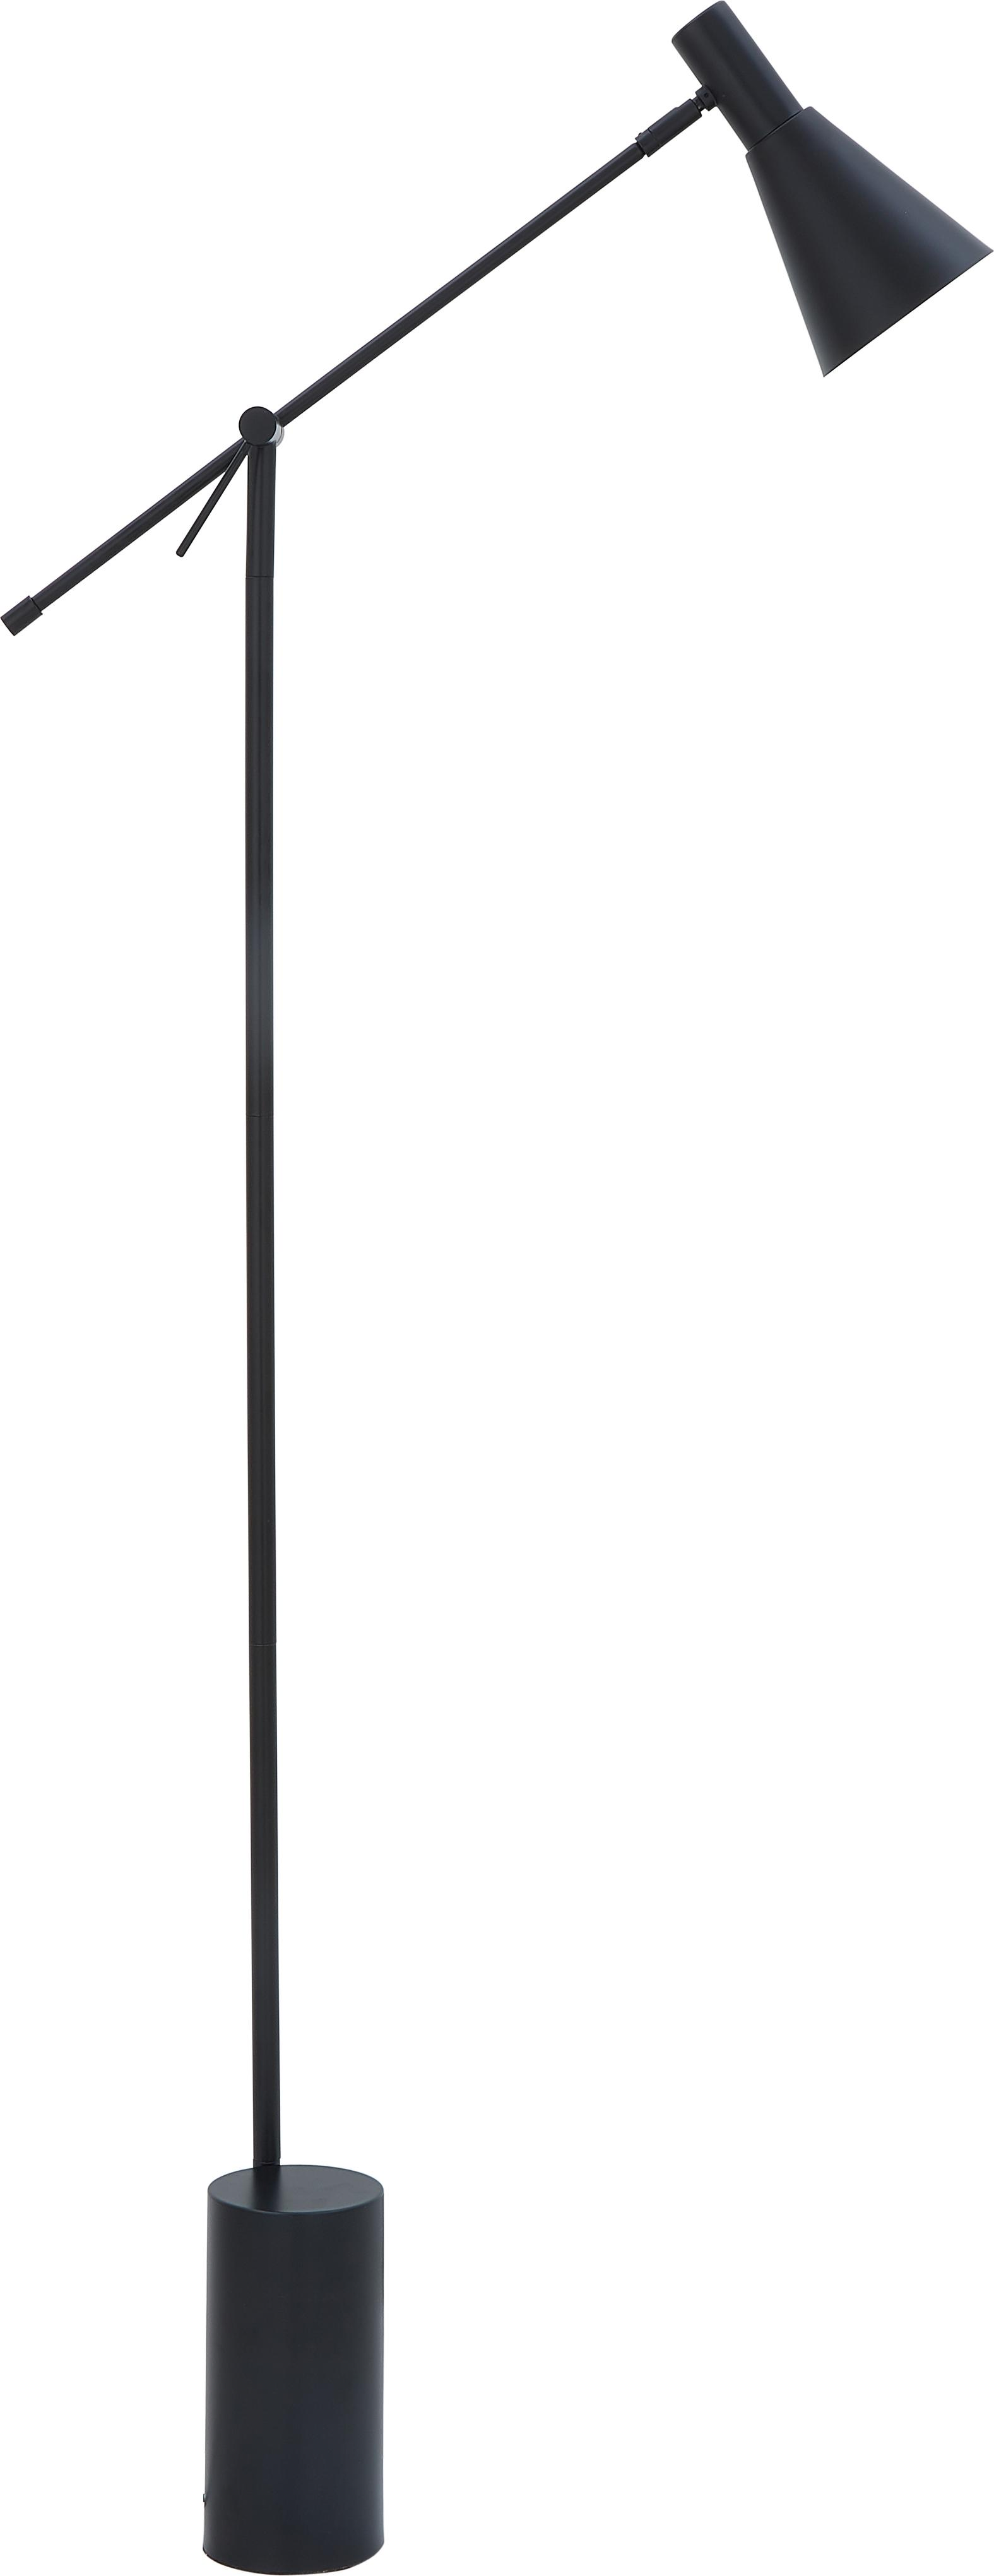 Lámpara de pie Sia, estilo retro, Pantalla: metal con pintura en polv, Cable: cubierto en tela, Negro, Ø 14 x Al 162 cm